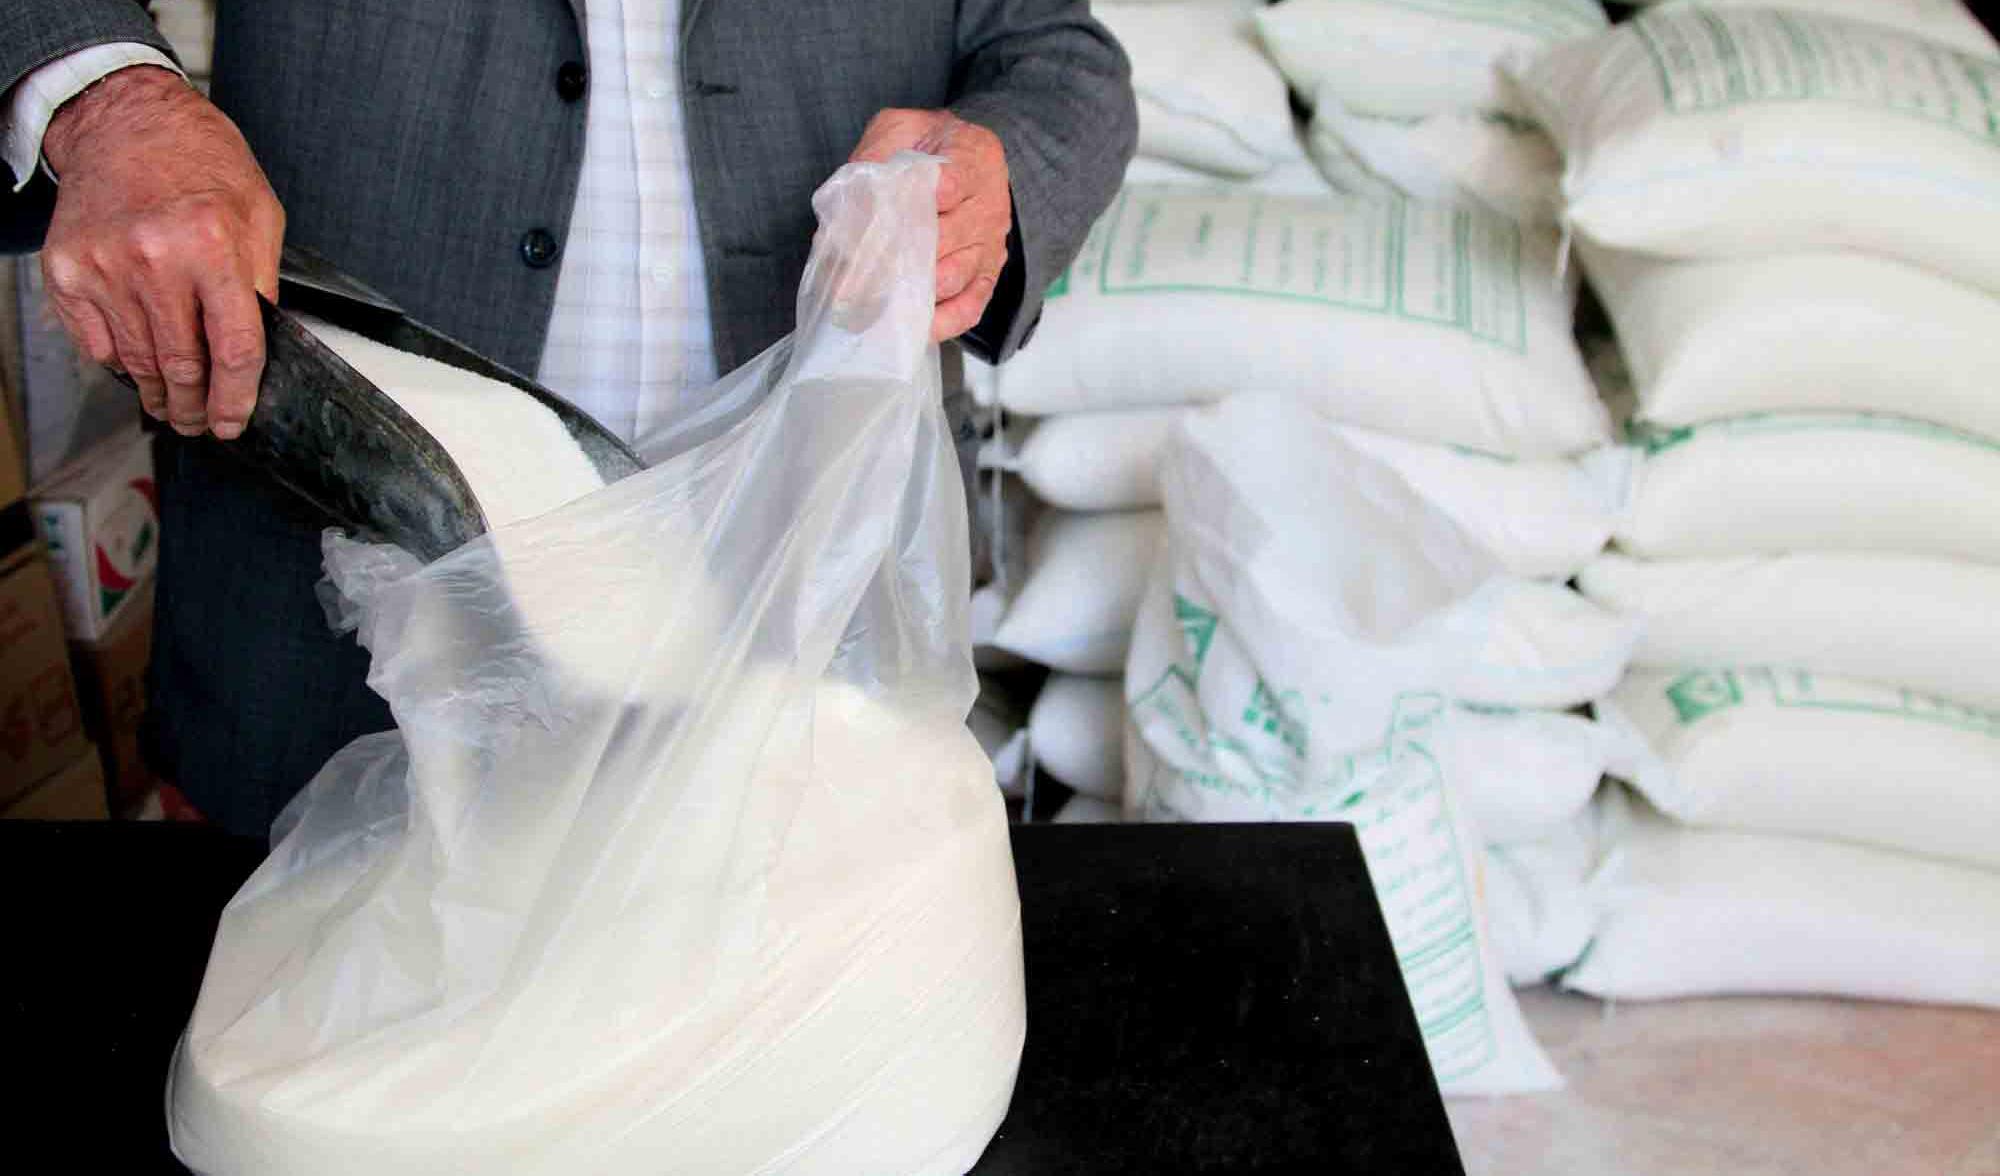 توقف توزیع شکر با قیمت مصوب در بازار/ شکر 1500 تومان گرانتر شد